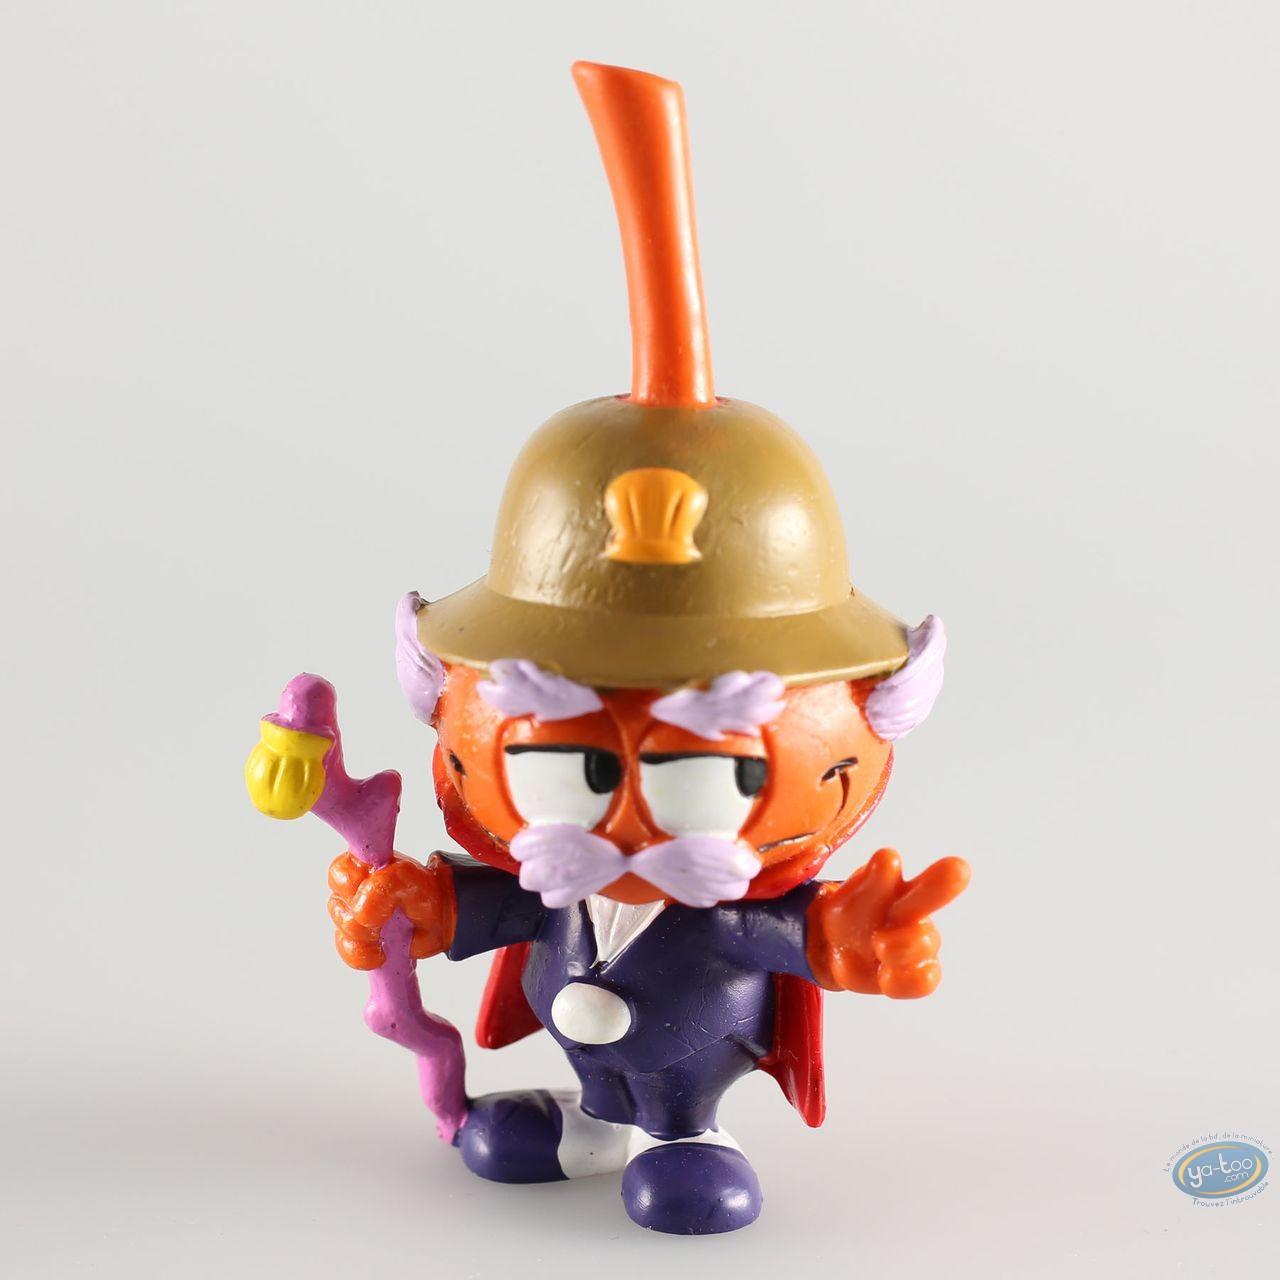 Plastic Figurine, Snorkies (Les) : Gouverneur' orange Snork with a helmet